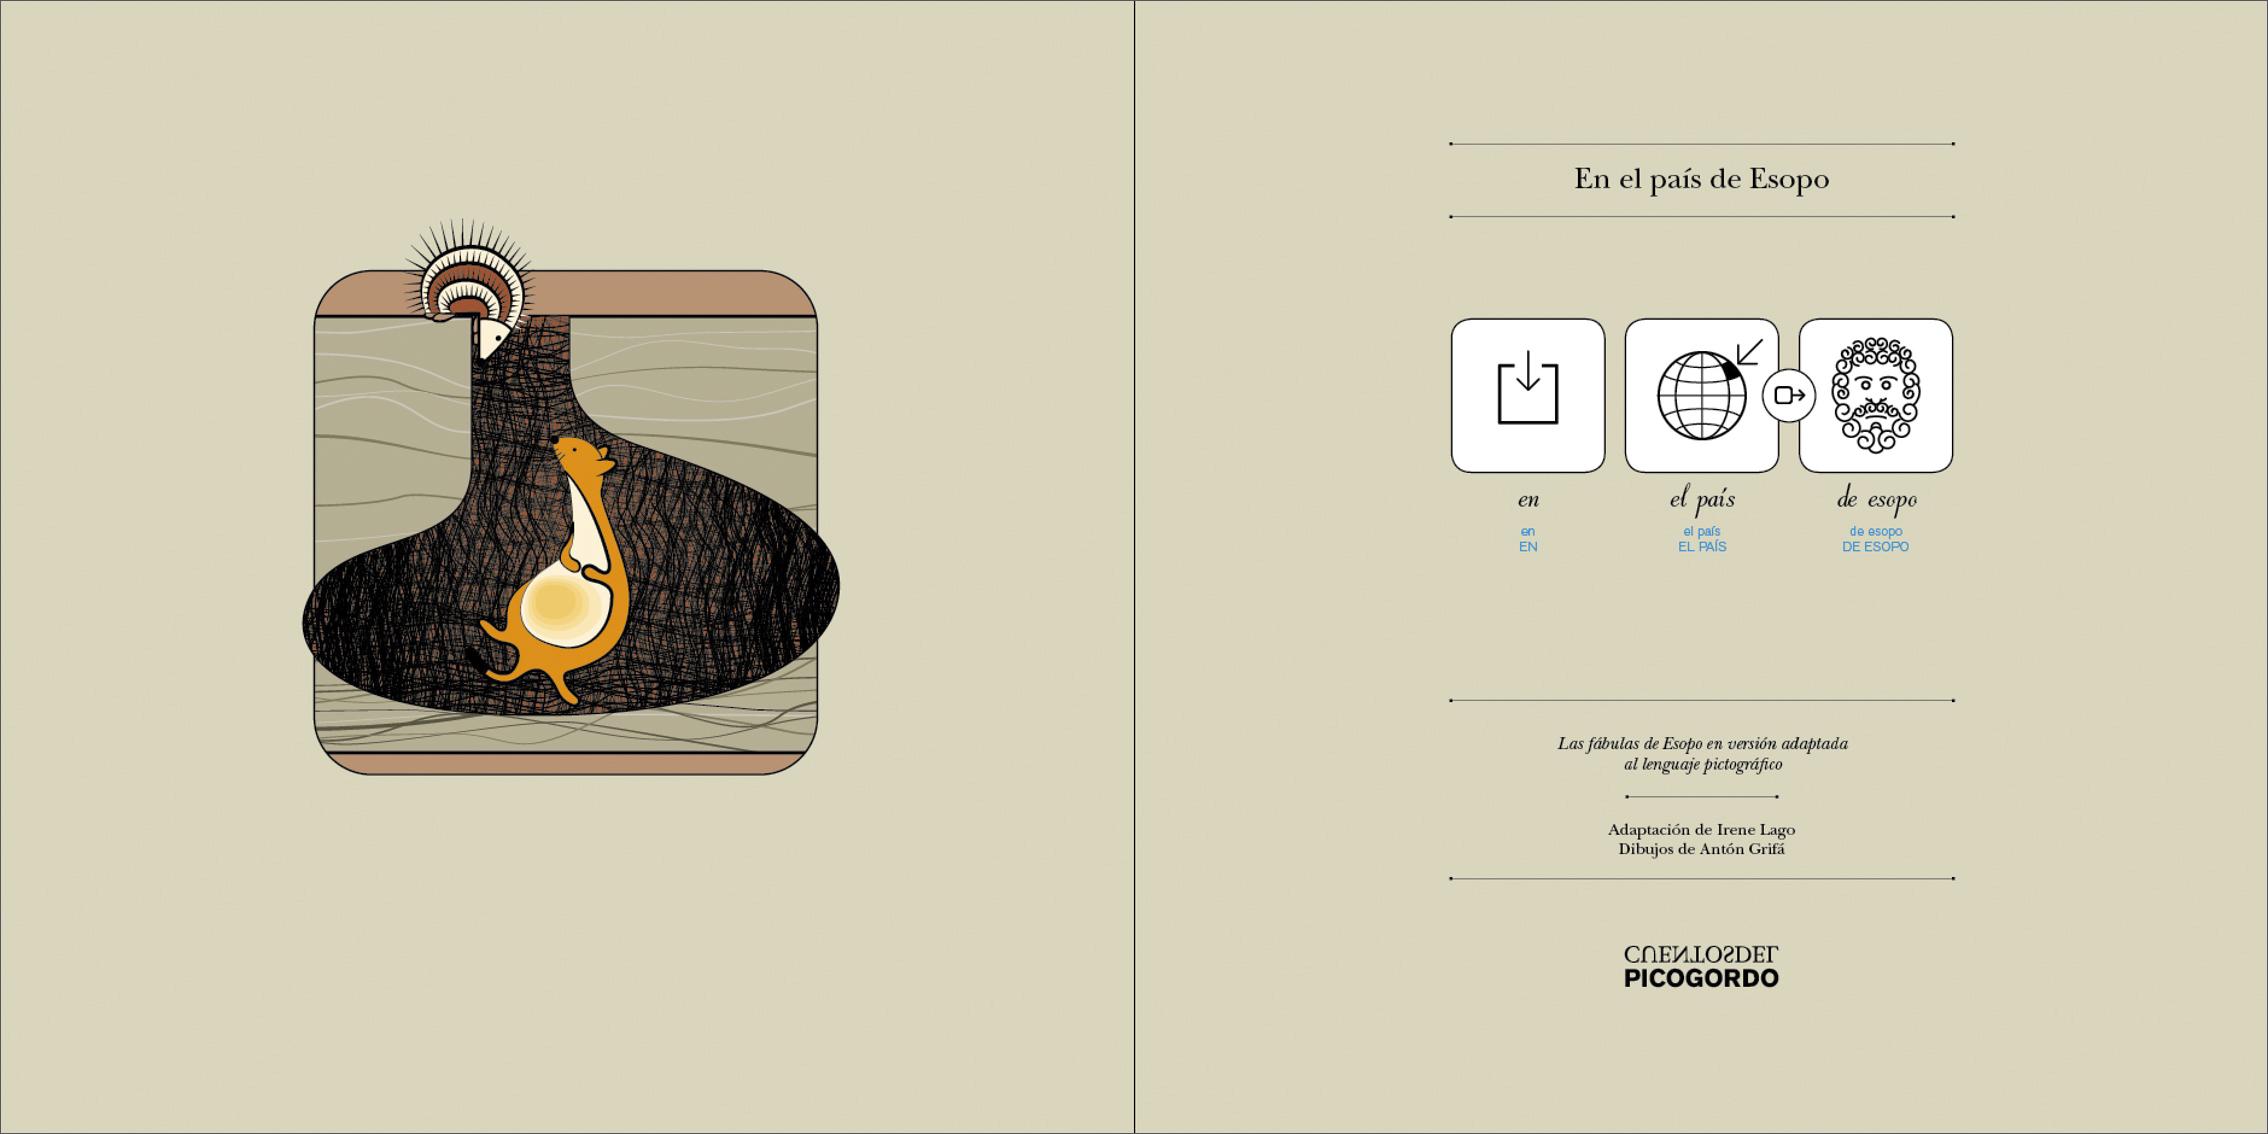 Cuentos ilustrados basados en el sistema pictográfico de comunicación (SPC)